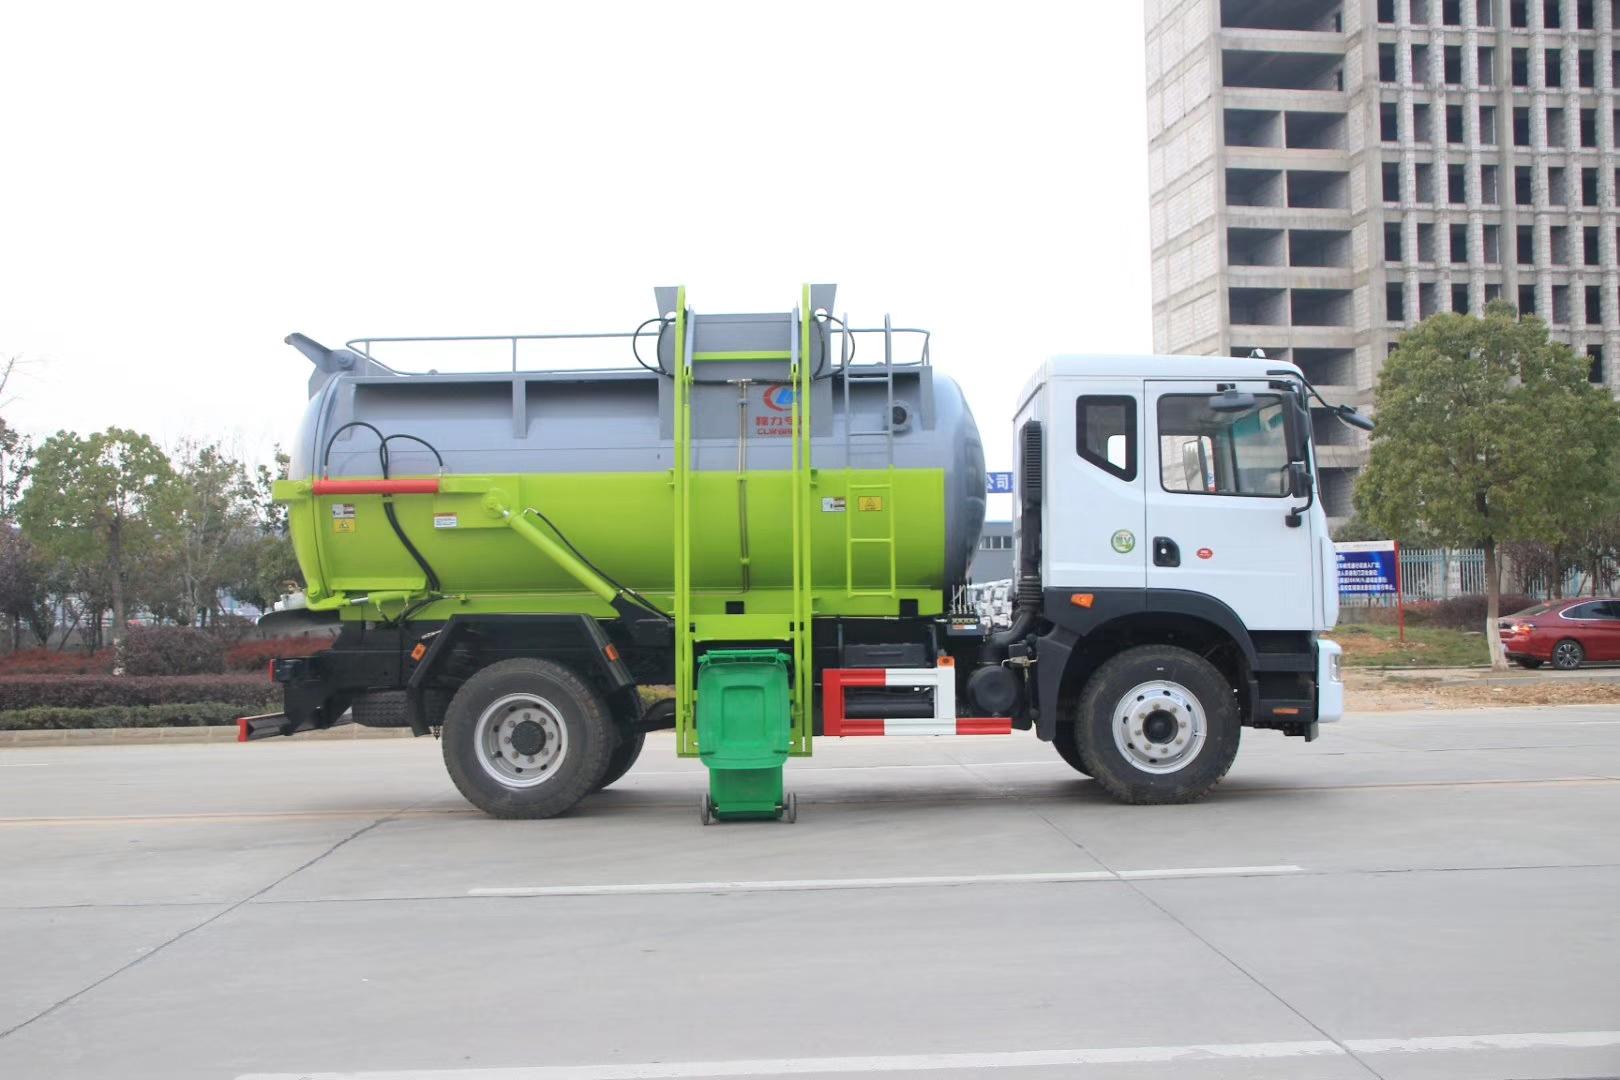 东风D9餐厨垃圾车,市面上最大的罐式餐厨垃圾车图片